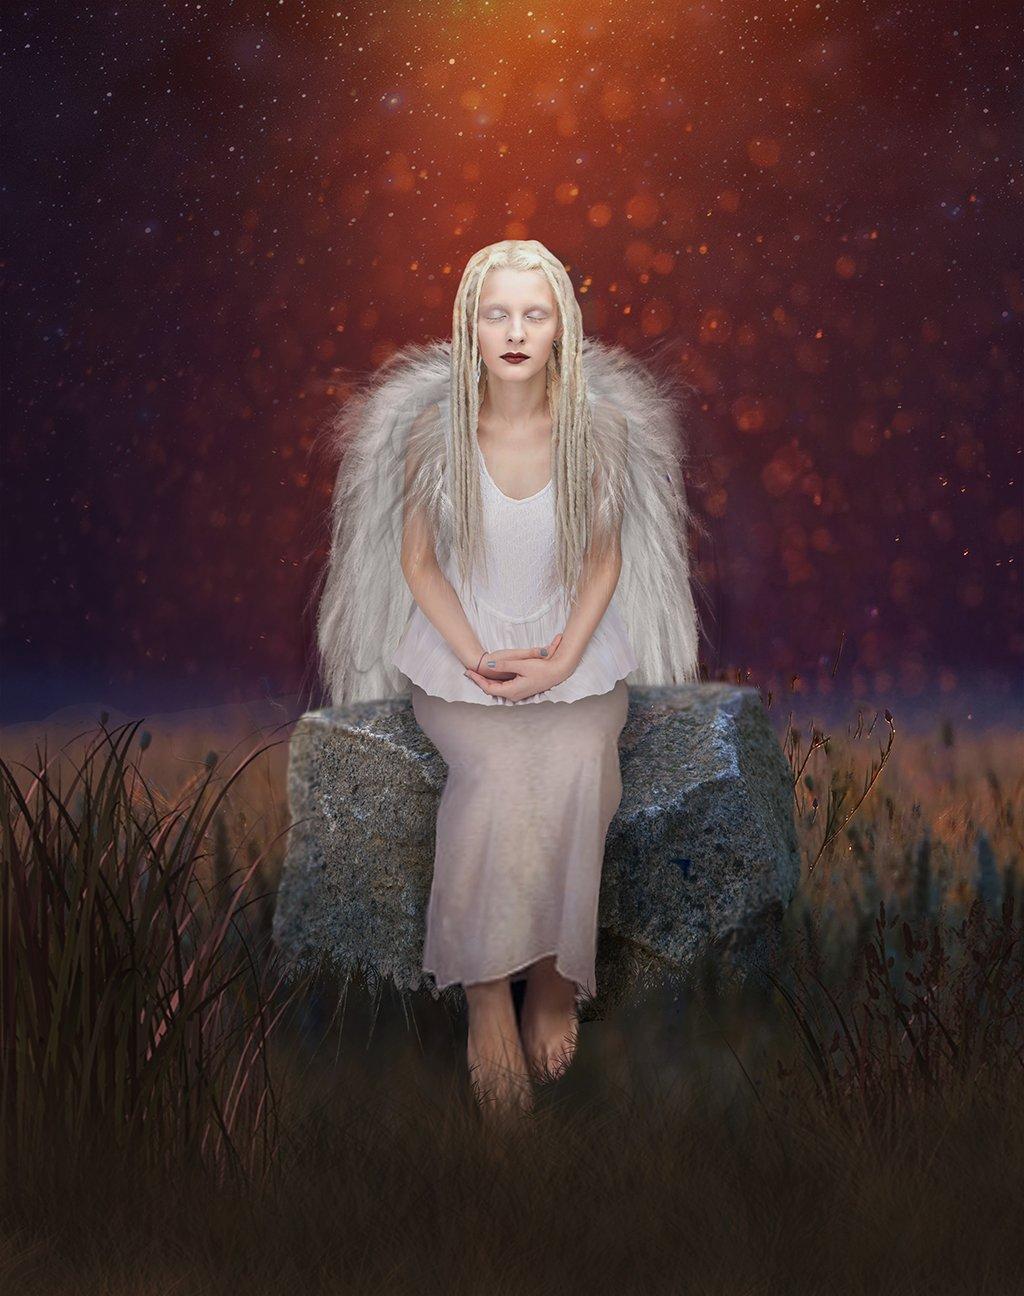 портрет. девушка. ангел. крылья. свет. креатив., Nataliorion